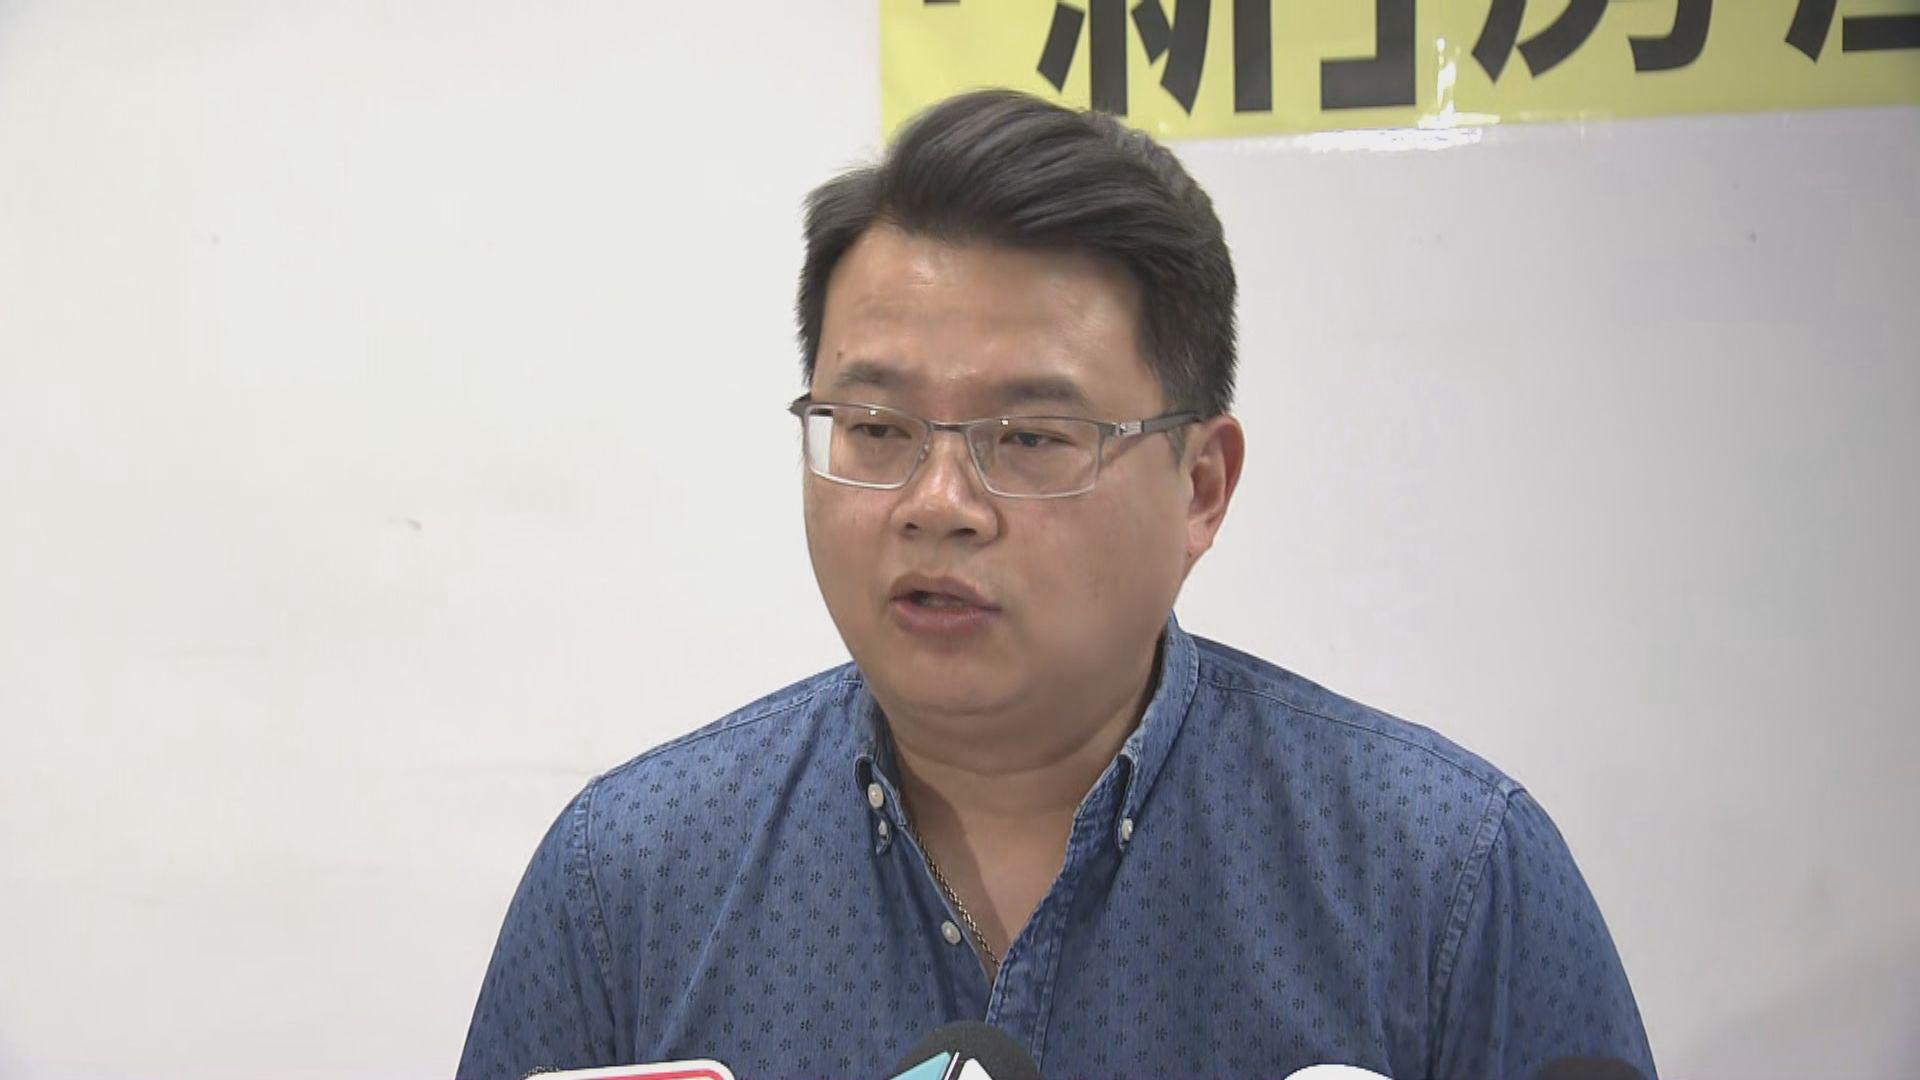 尹兆堅:政府擬動用收回土地條例為平息風波